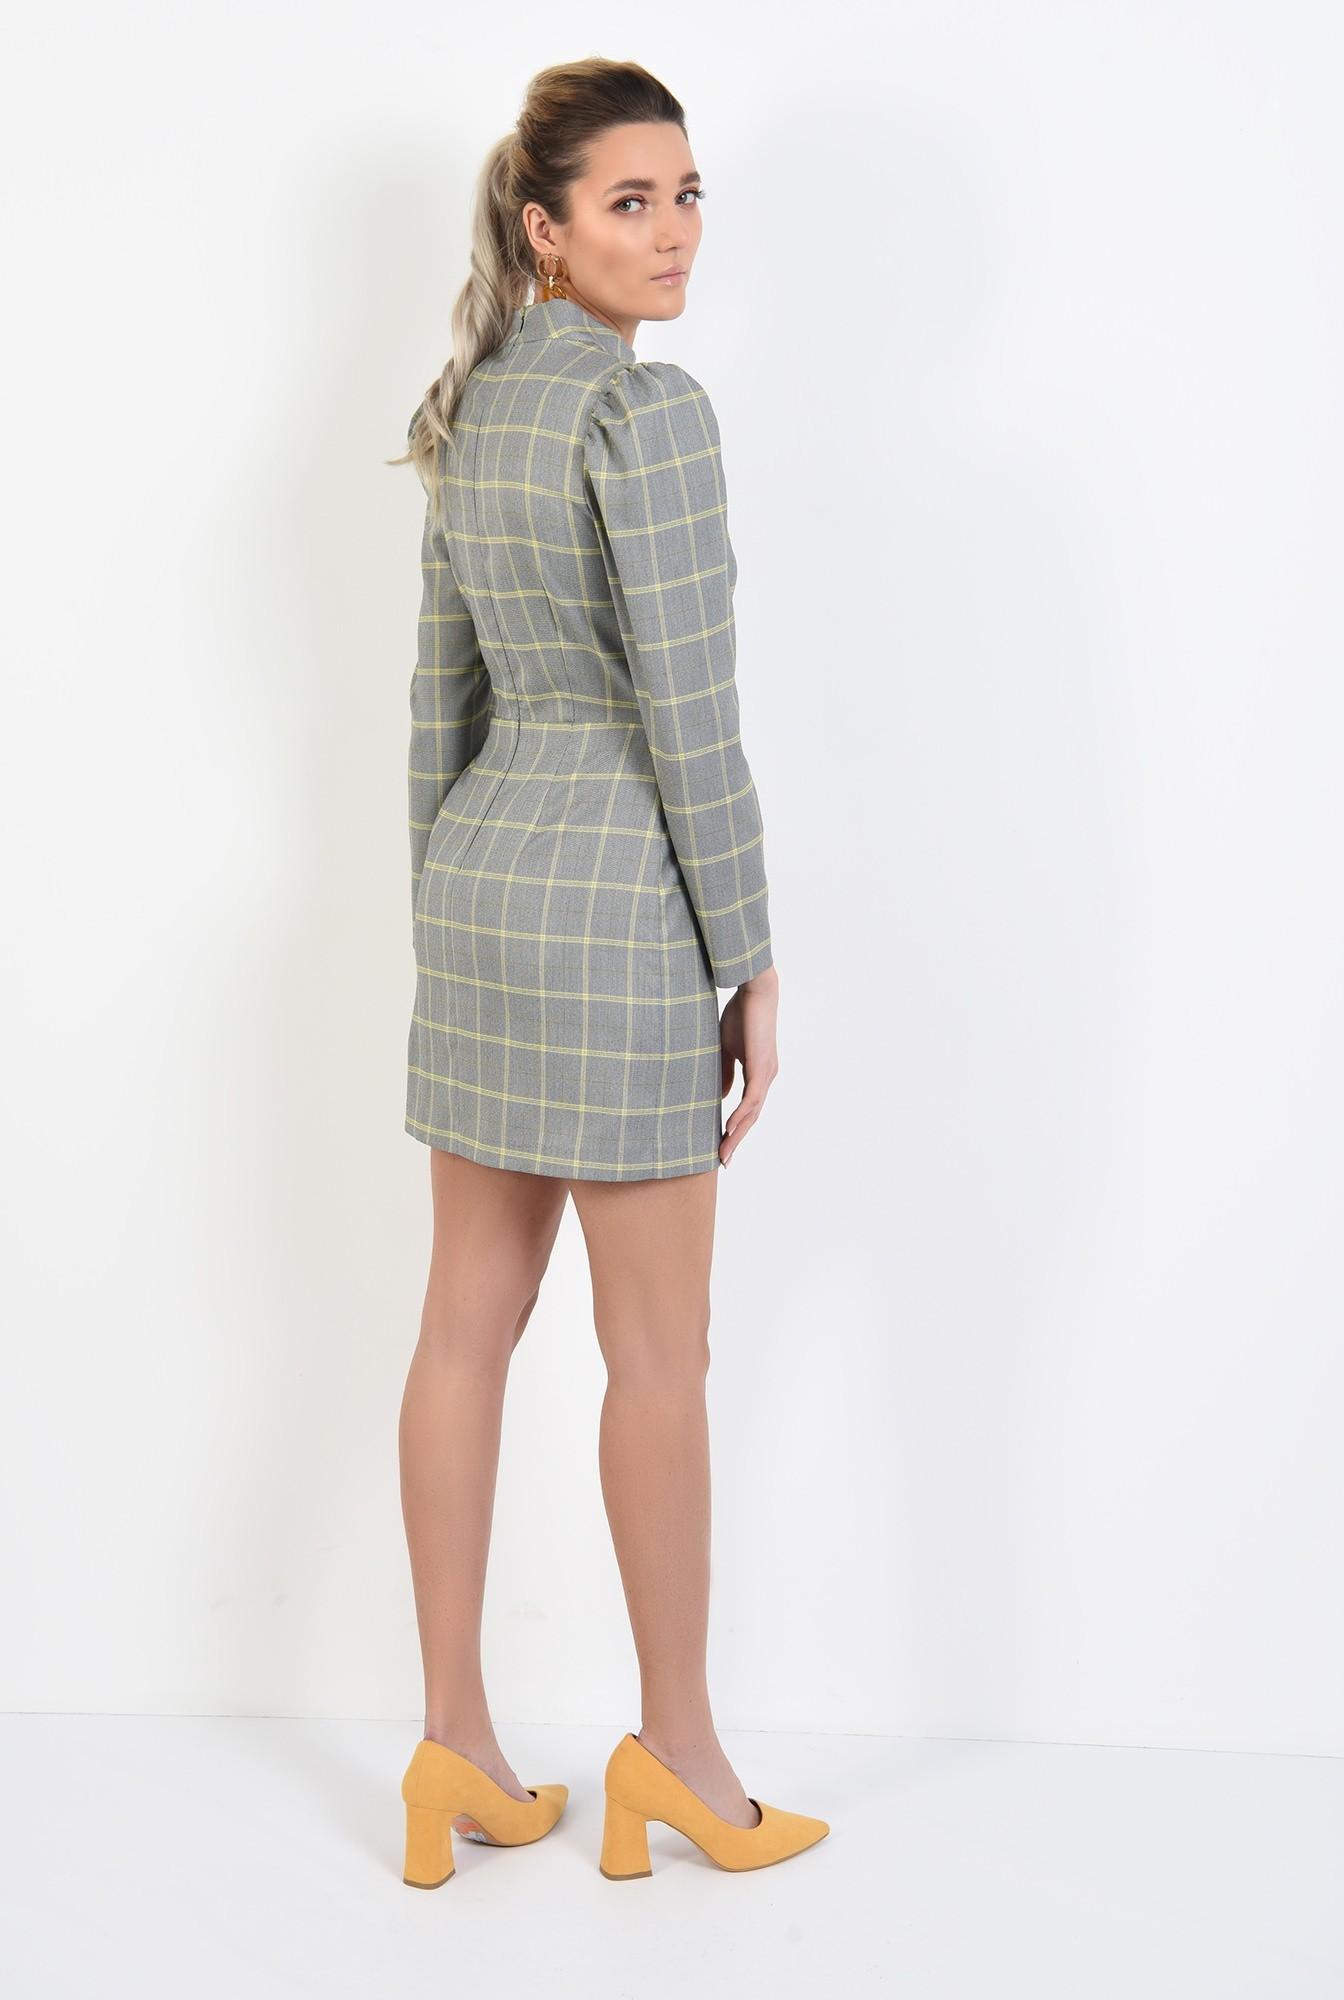 1 - 360 - rochie casual, scurta, in carouri, maneci lungi, guler aplicat